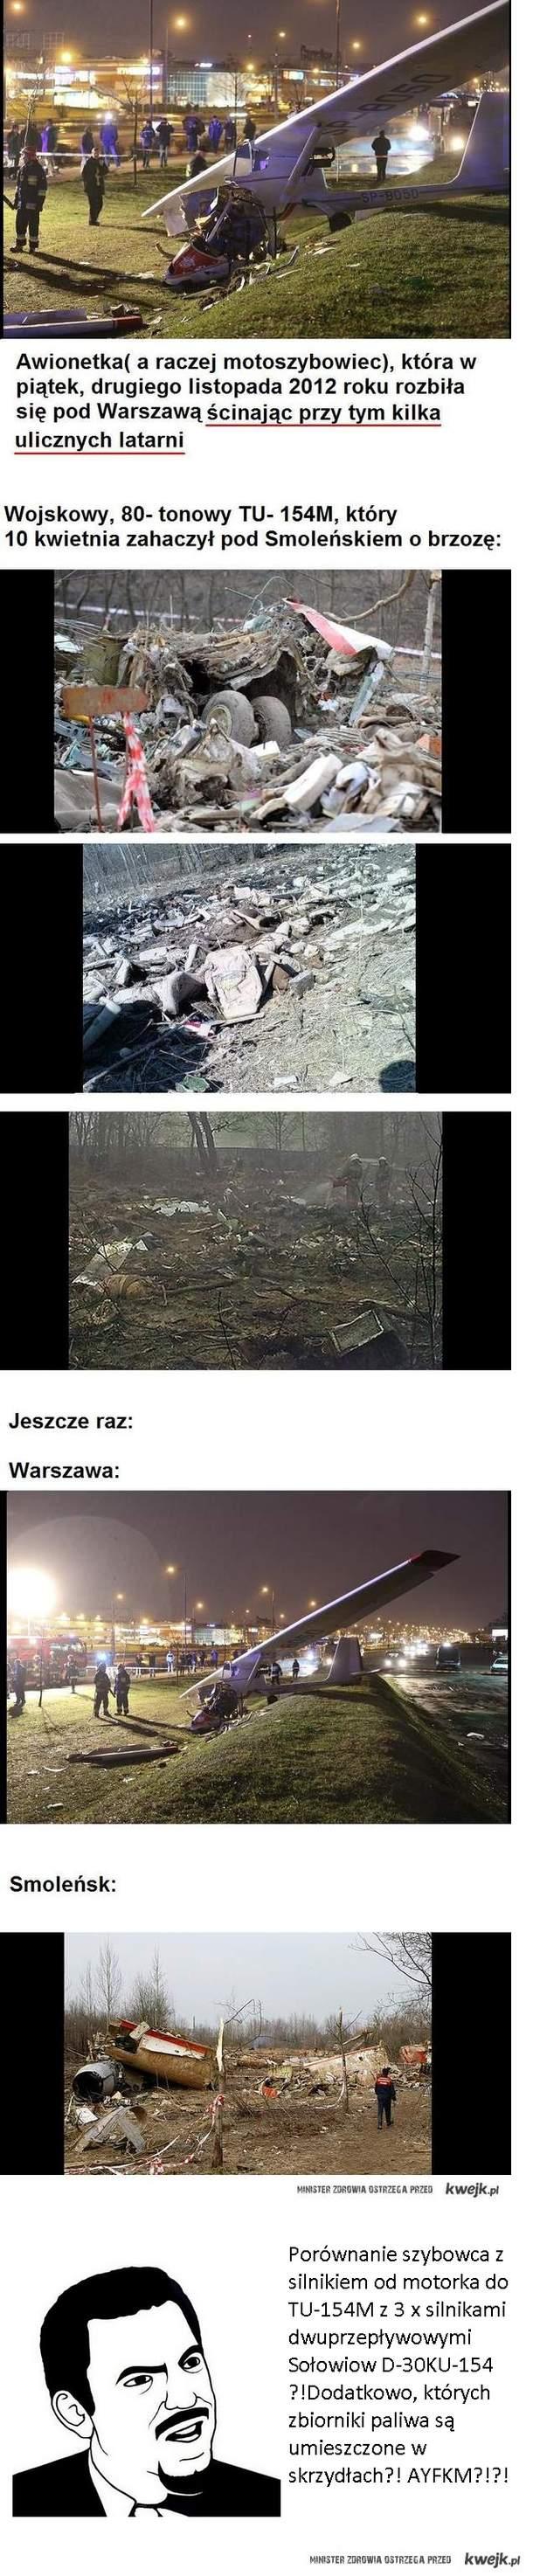 Smoleńsk vs Szybowiec